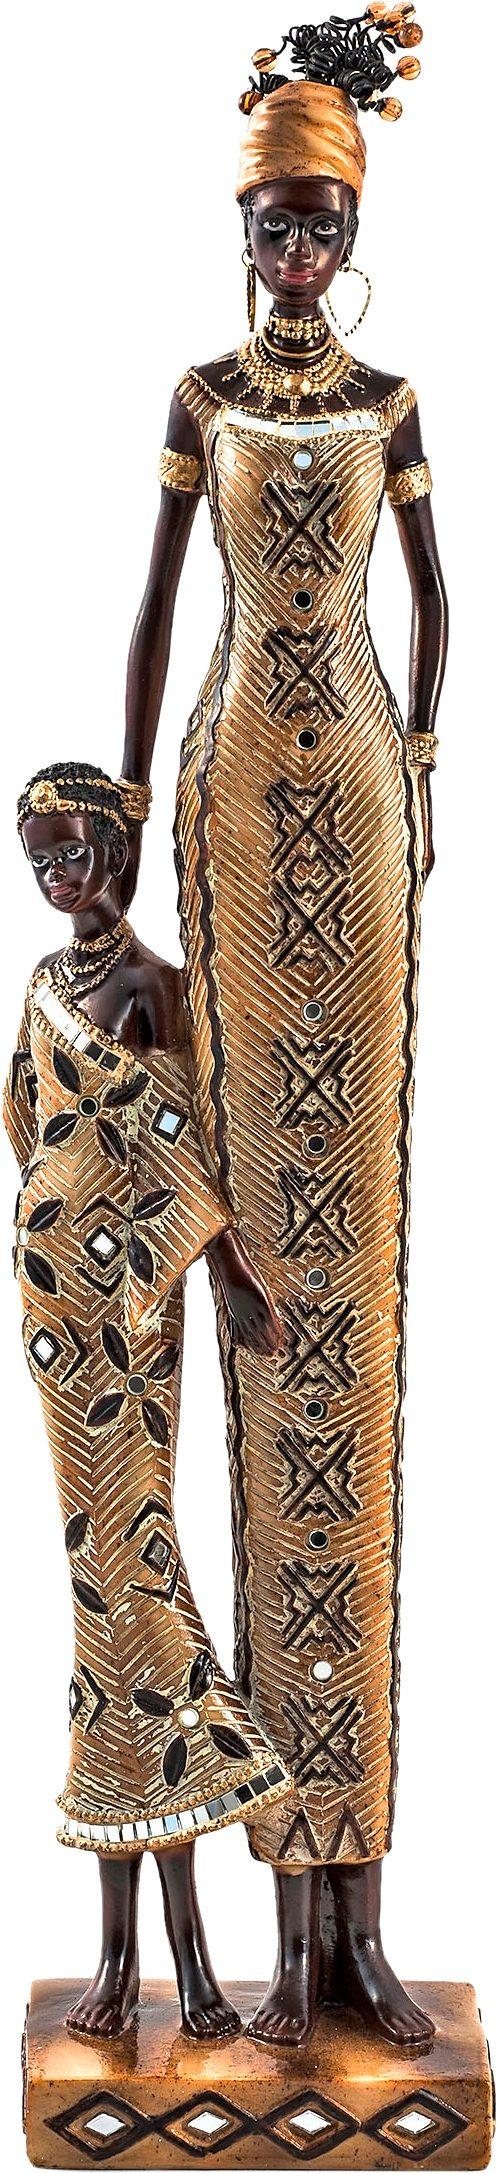 Home affaire Dekofigur »Afrikanische Frau mit Kind«